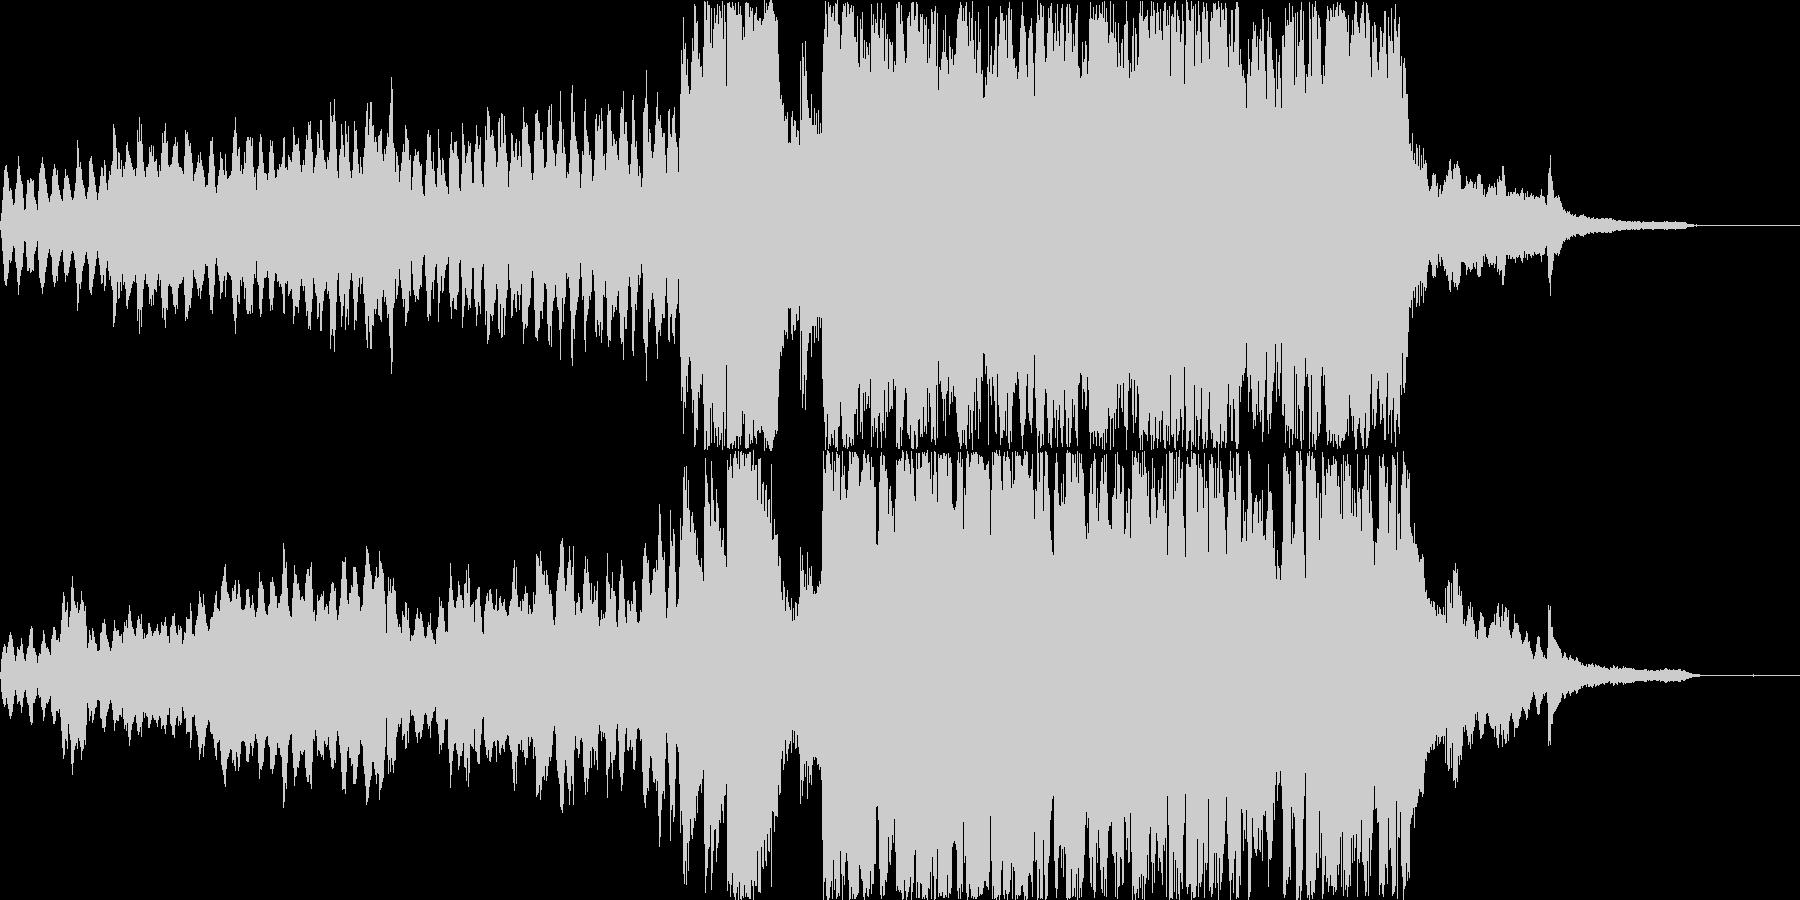 上品でわくわくした美しい紹介BGMの未再生の波形